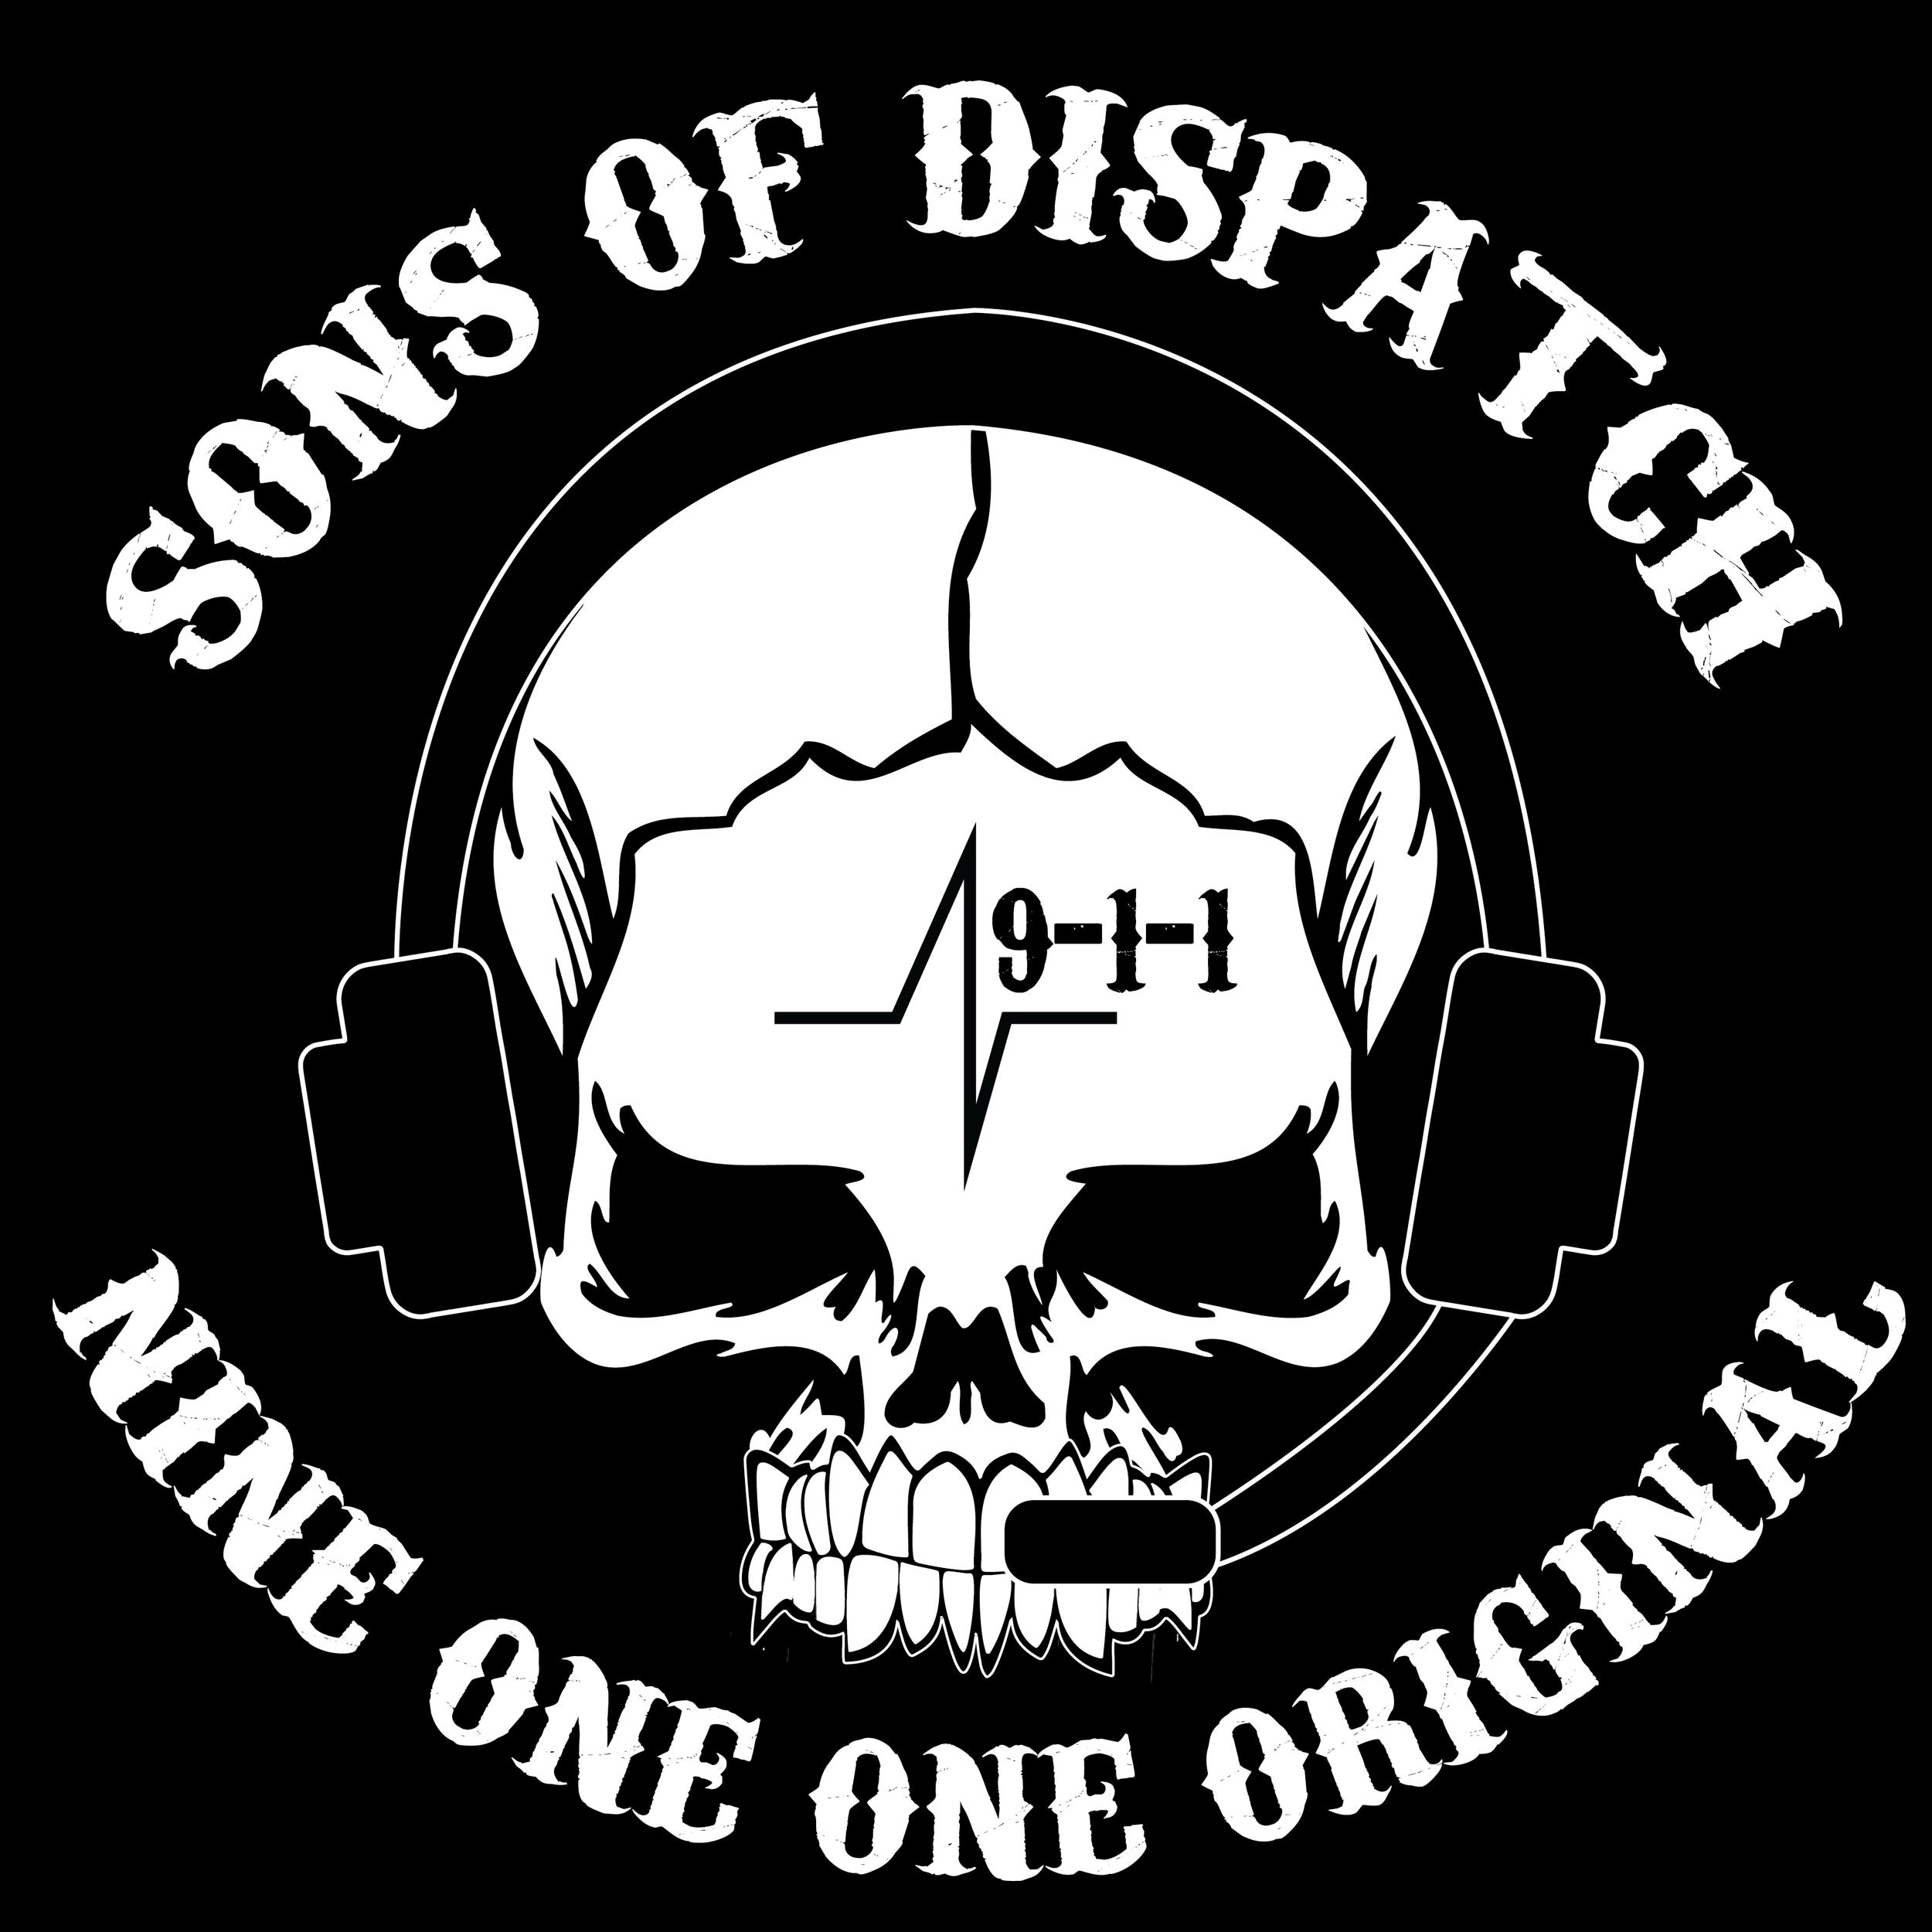 sonsofdispatch4.png